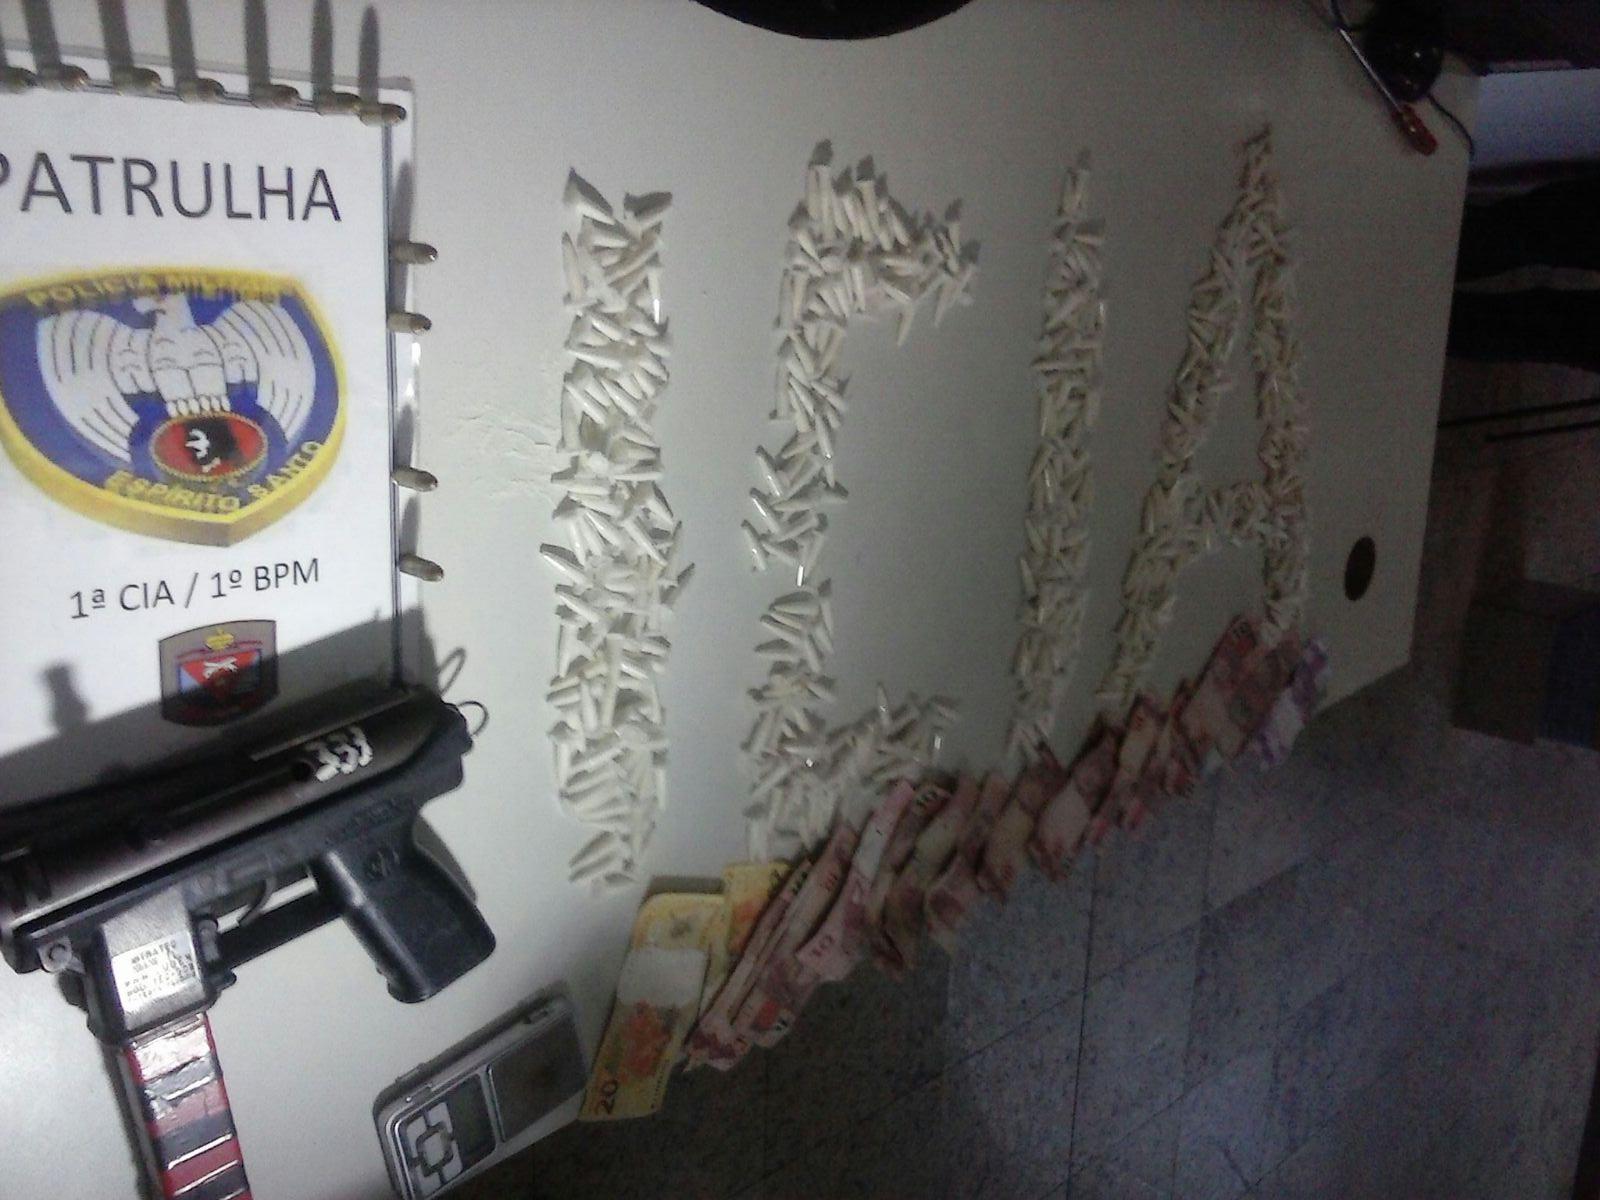 Jovem é detido com submetralhadora e mais de 500 pinos de cocaína